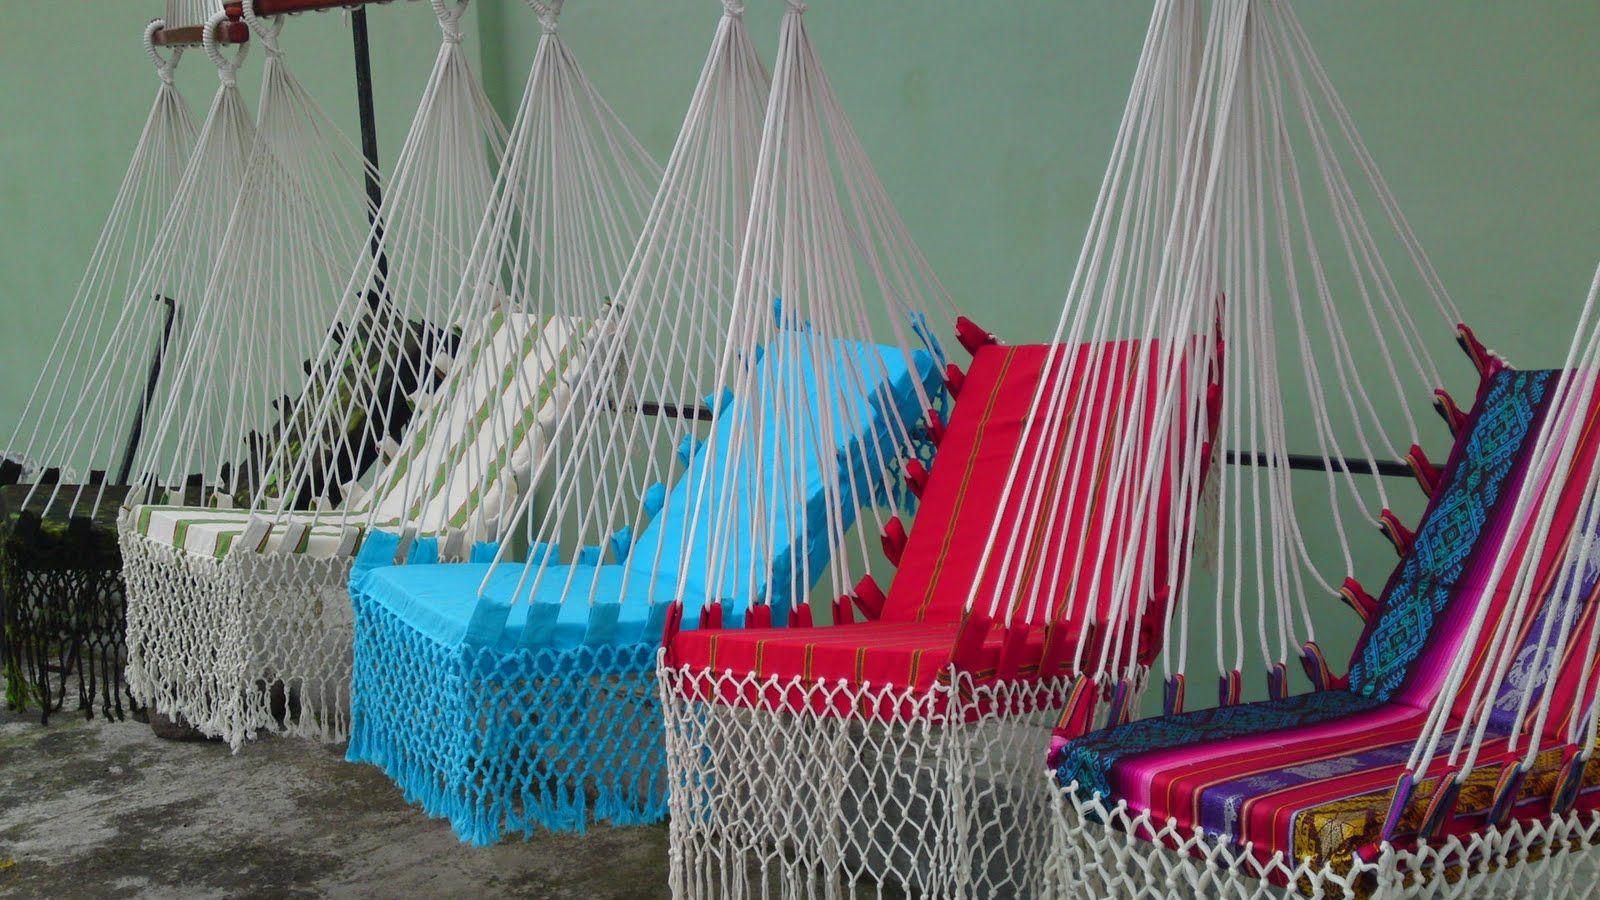 hamacas sillas  Hammocks  Hamacas  Home Decor Decor y